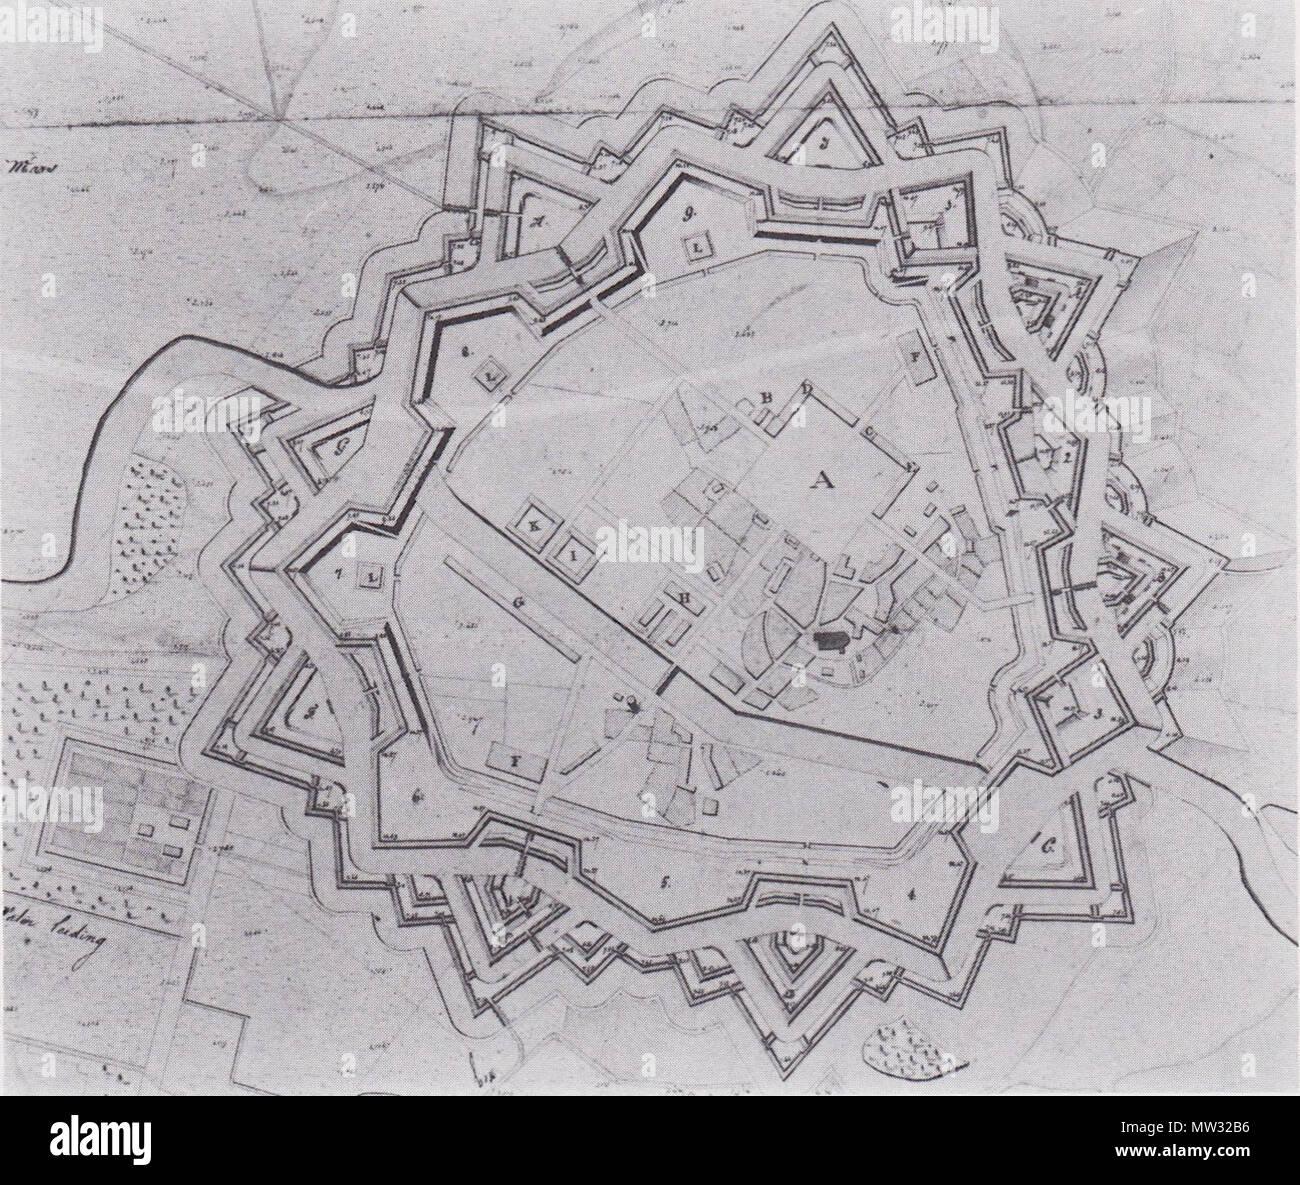 . English: fortification plan Ommen 1819 Nederlands: plan vesting Ommen 1819 . October 1819. Directie van fortificatiën 629 Vestingplan Ommen 1819 after - Stock Image